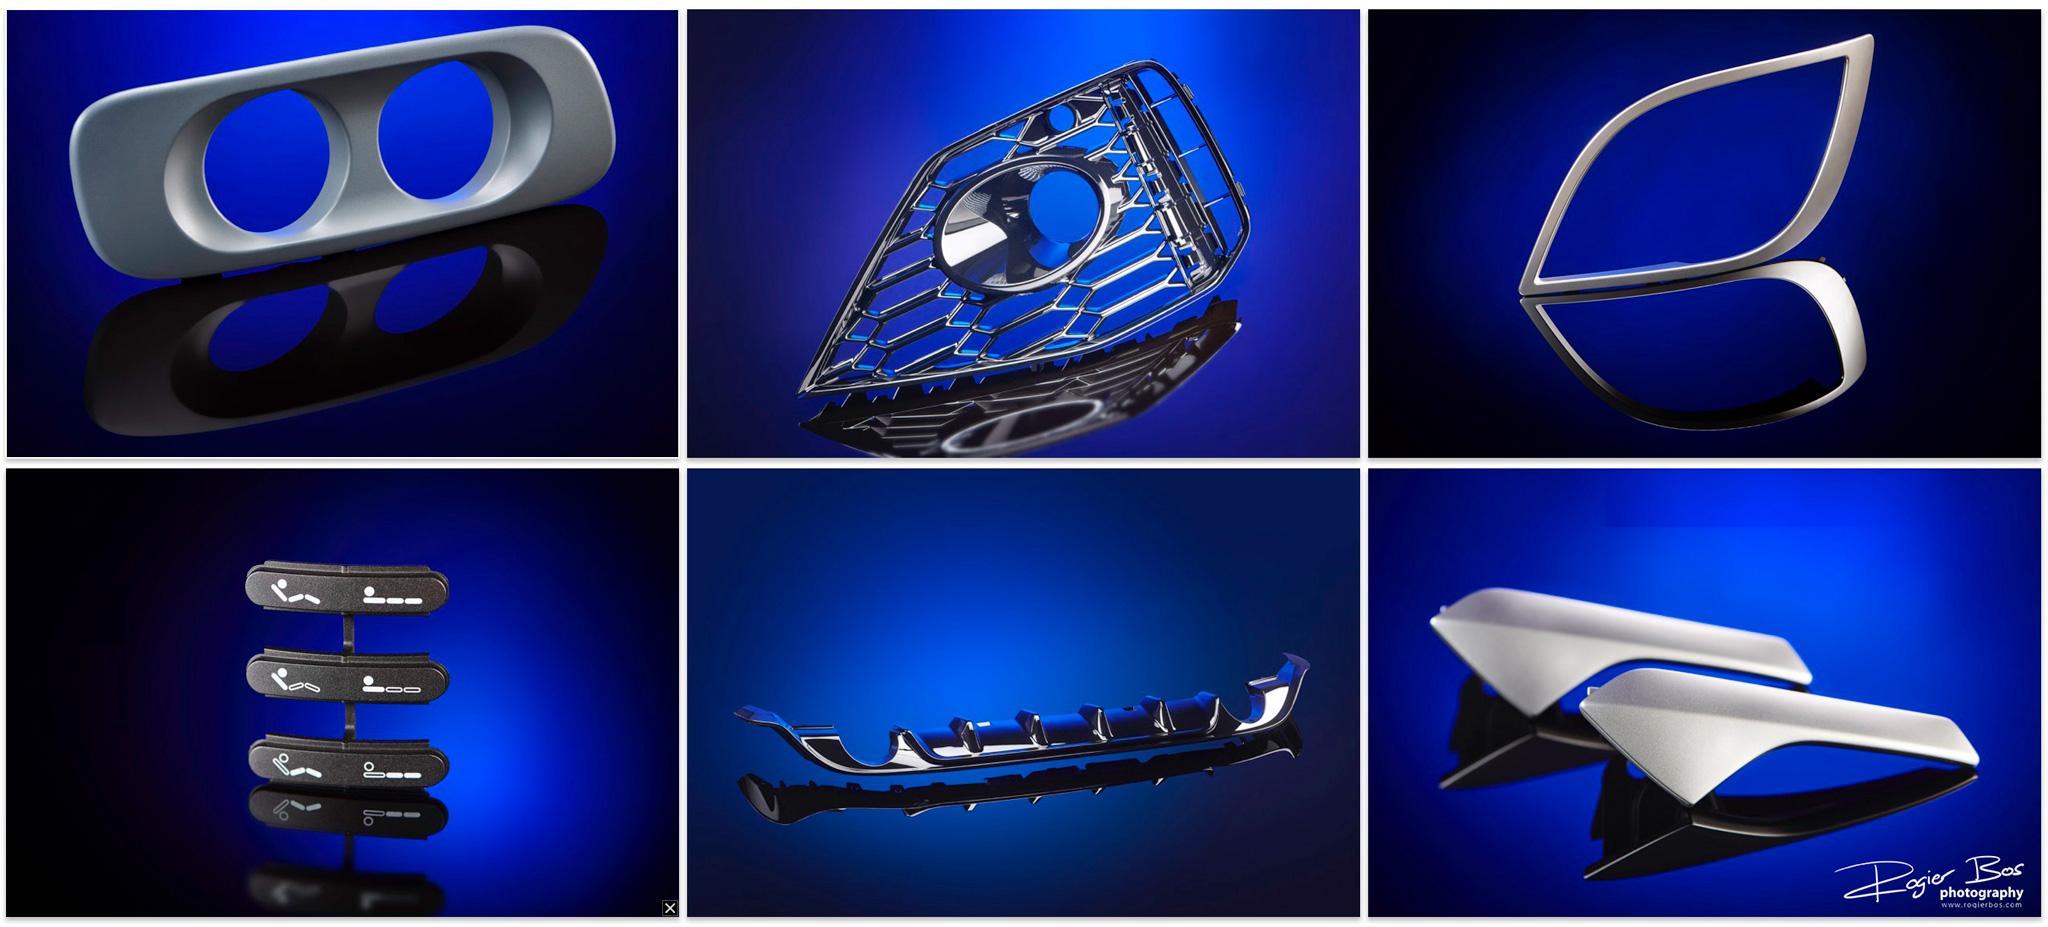 Kunststof onderdelen voor automotive, gefotografeerd op reflecterend blauw.